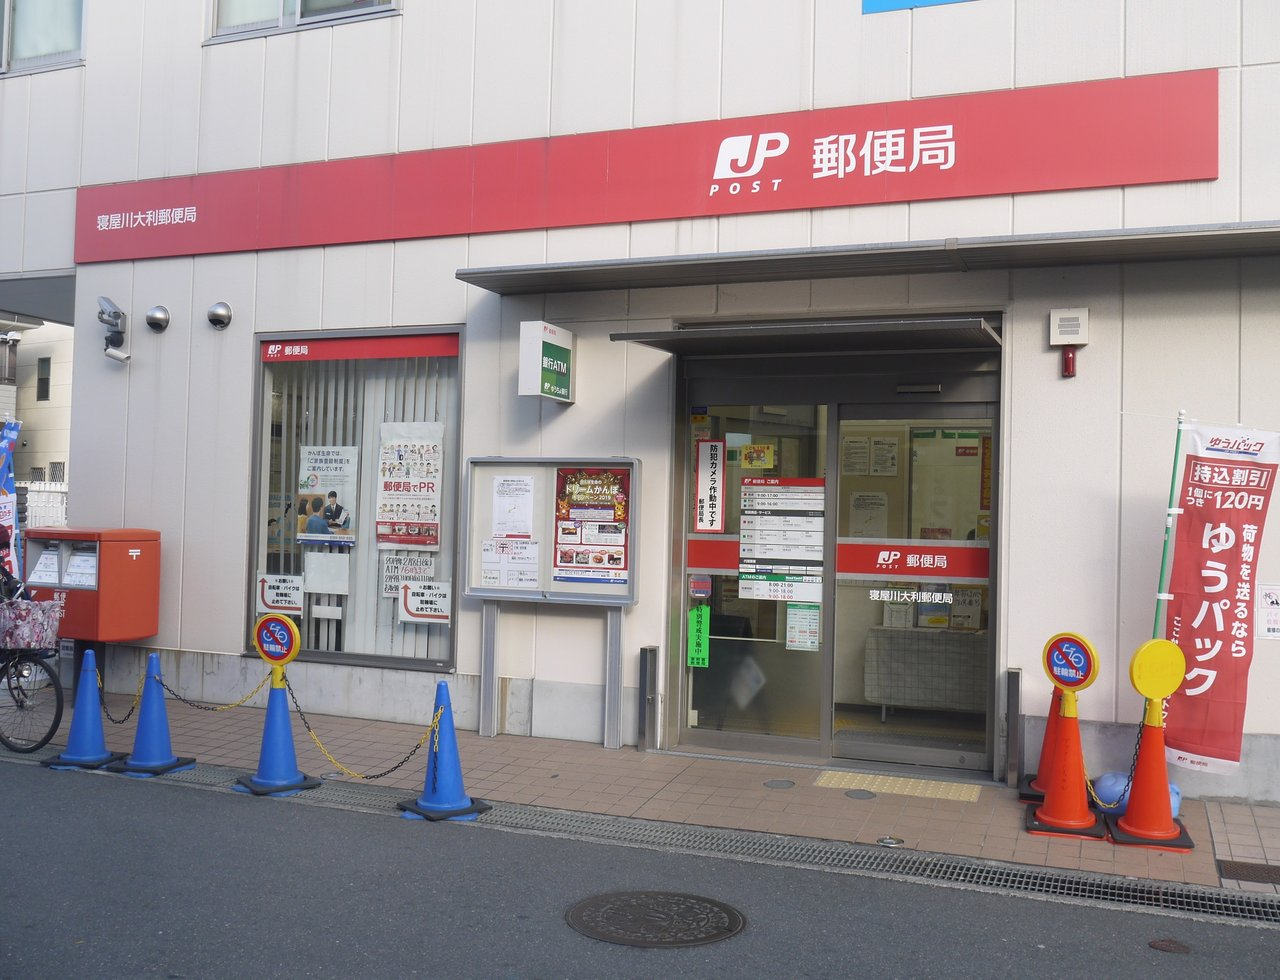 府道18号線沿いの大利郵便局と日本調剤薬局が移転を発表。大利郵便局の ...